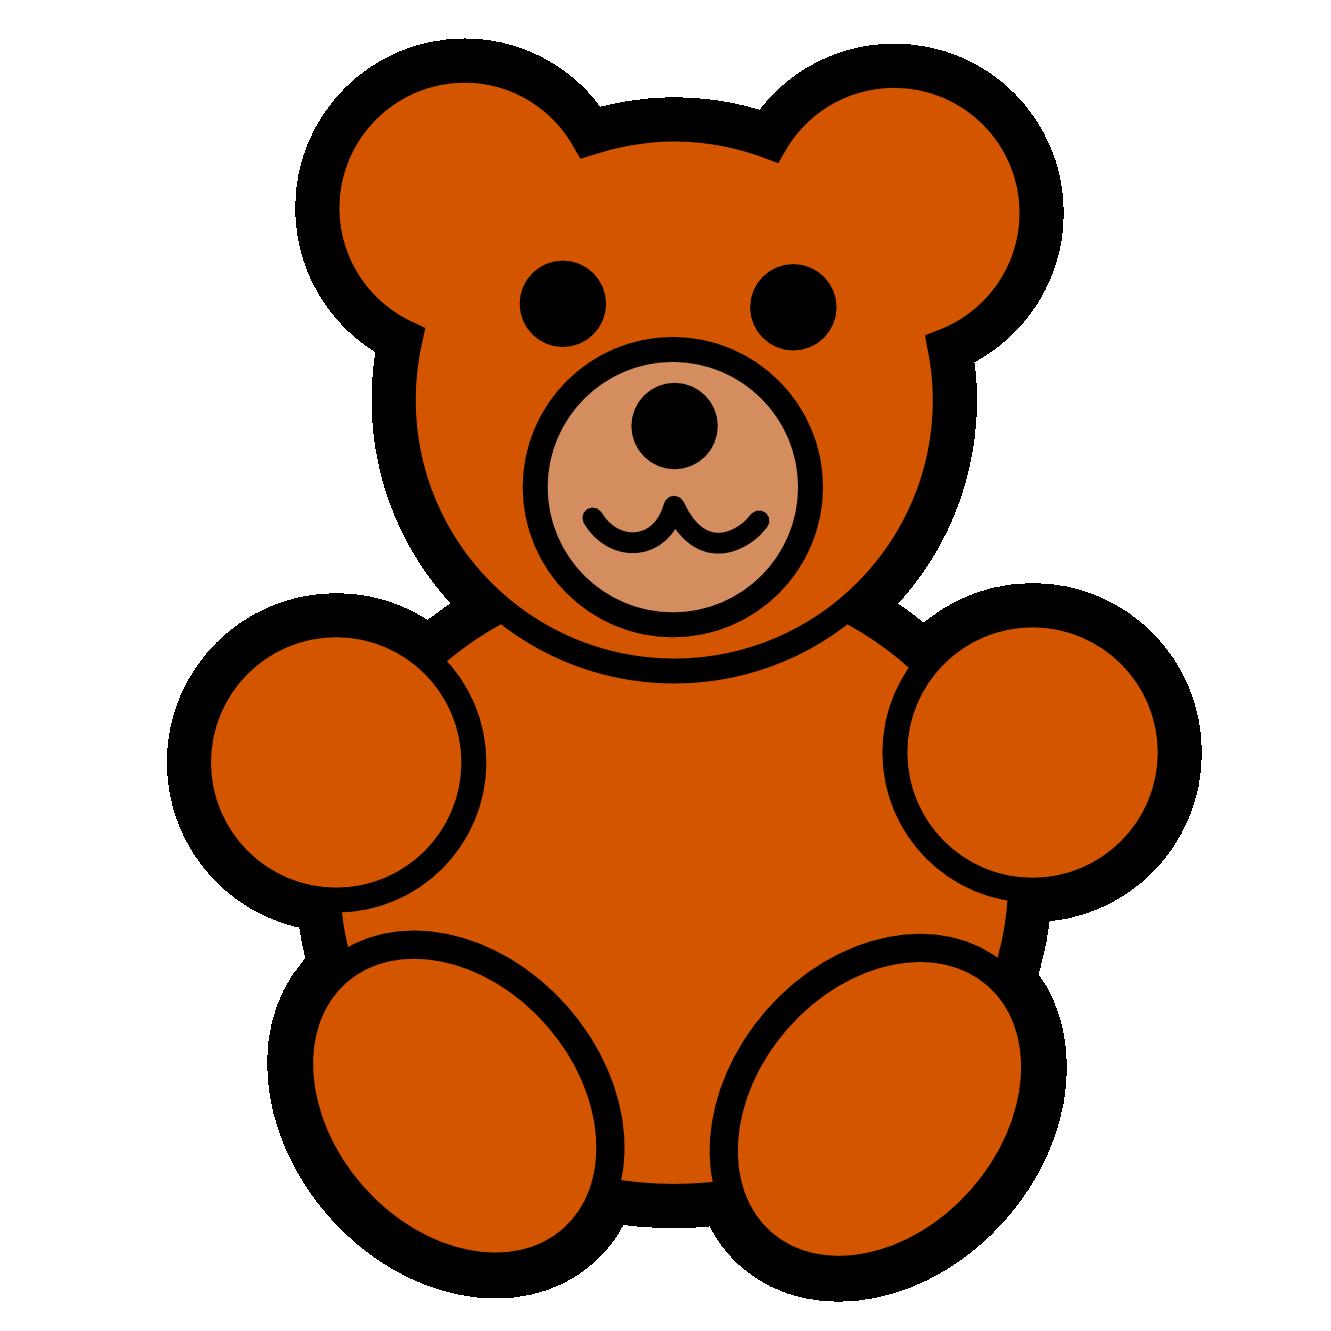 Teddy bears clipart free ... teddy bear clipart